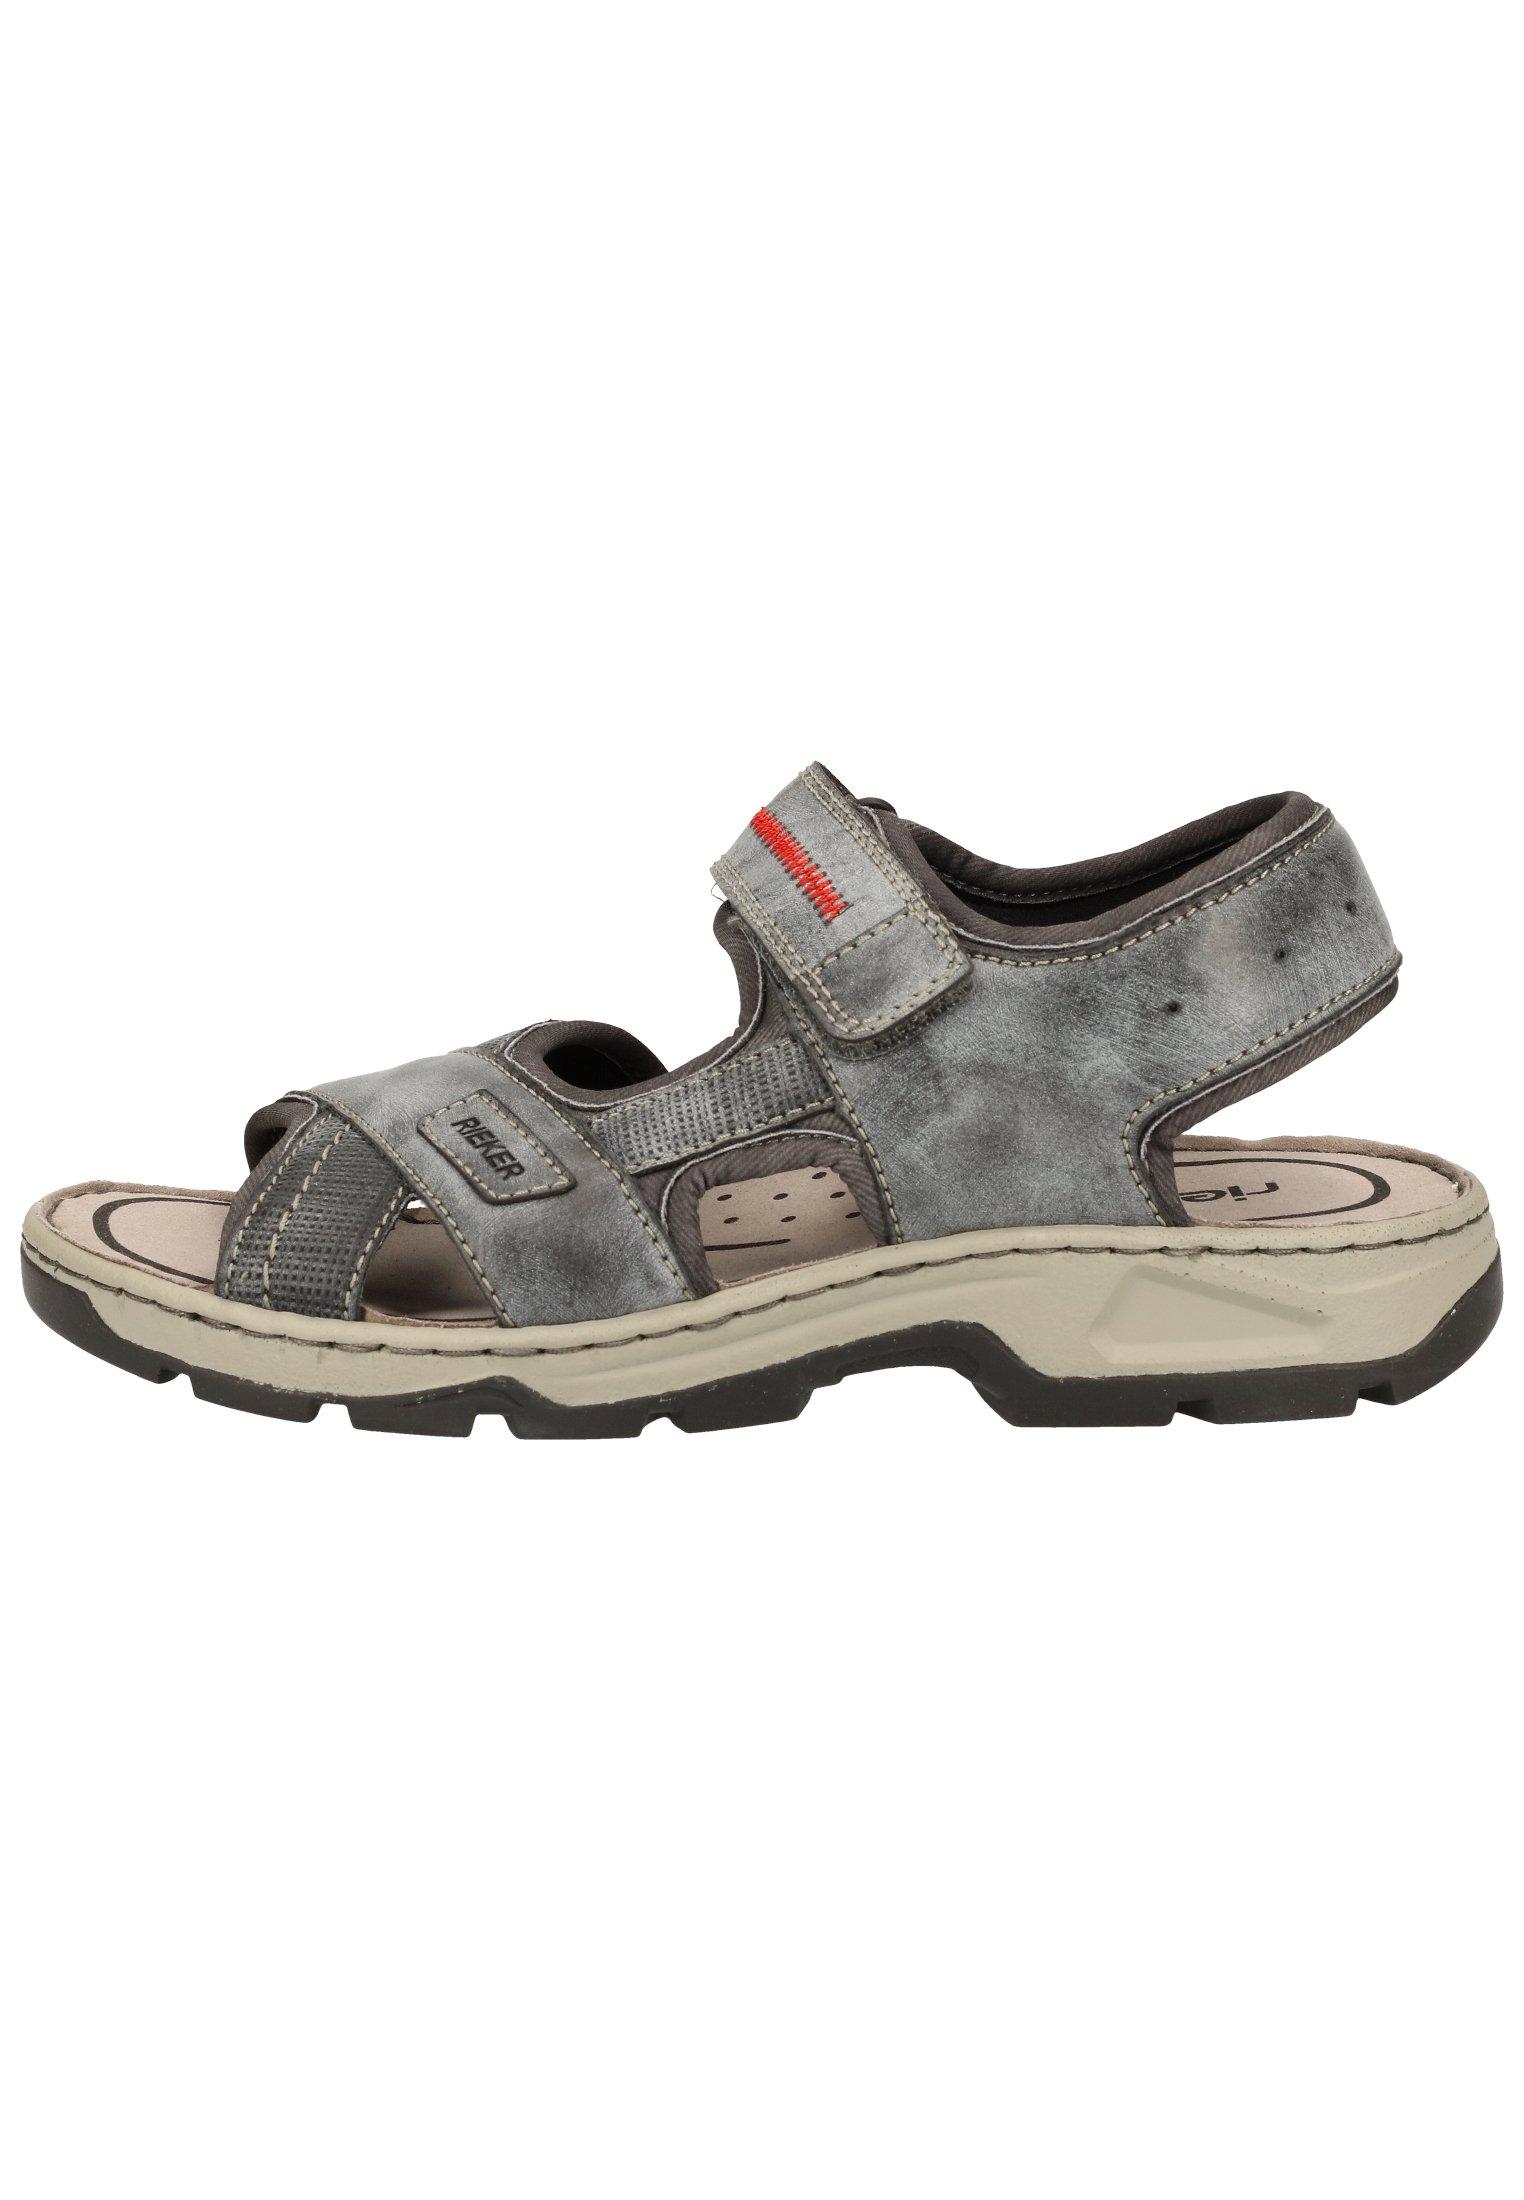 Homme SANDALEN - Sandales de randonnée